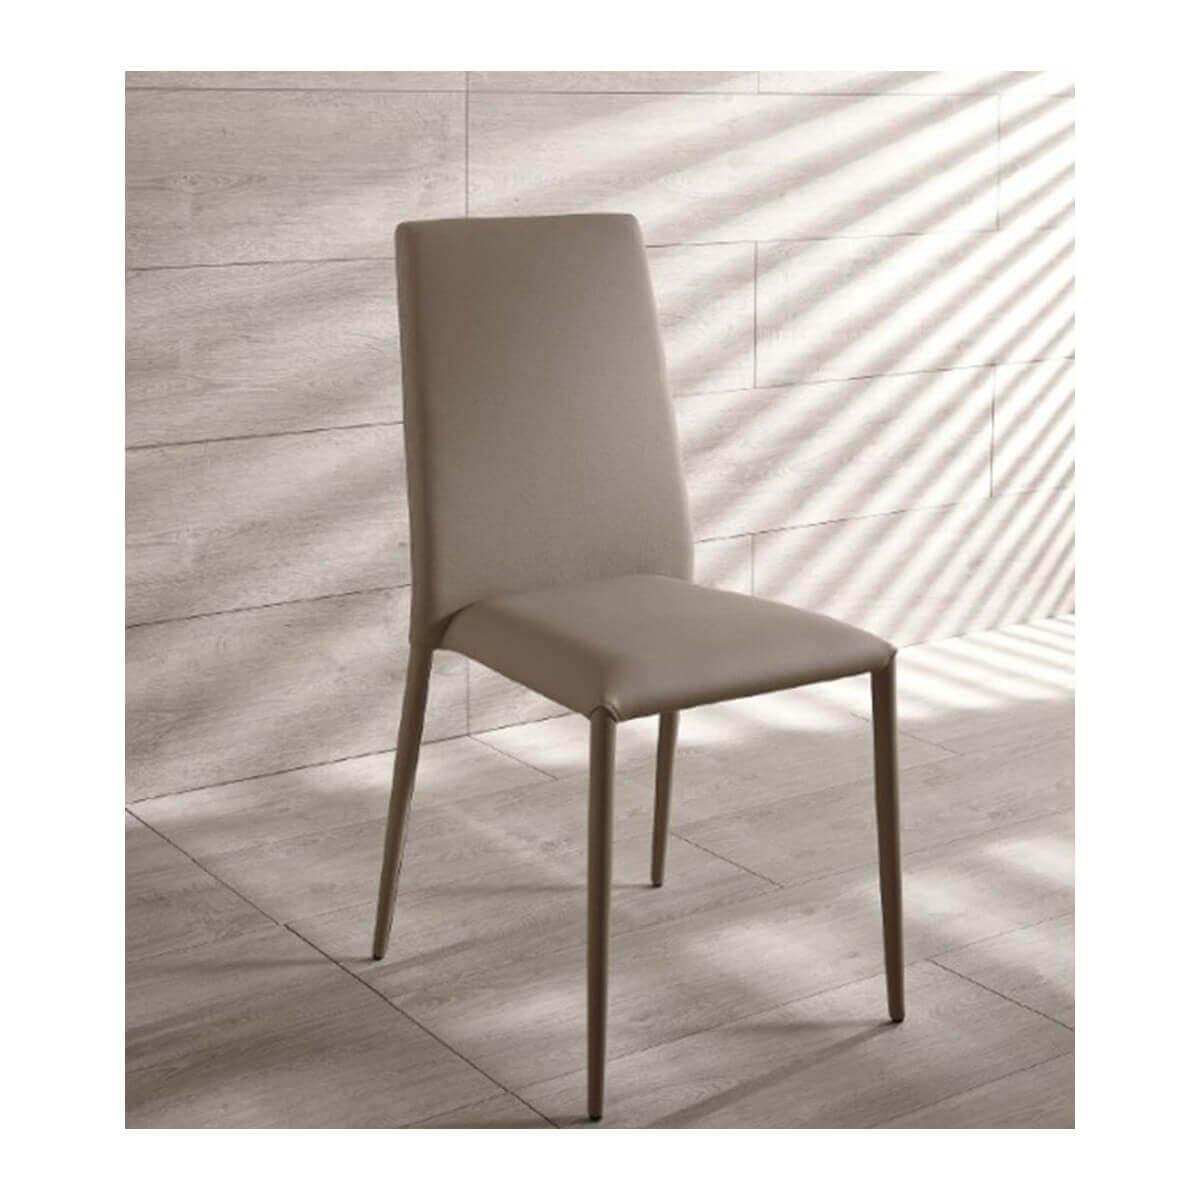 Sedie Sgabelli E Poltroncine.Sedia Modello Contessa Complementi E Illuminazione Sedie Sgabelli